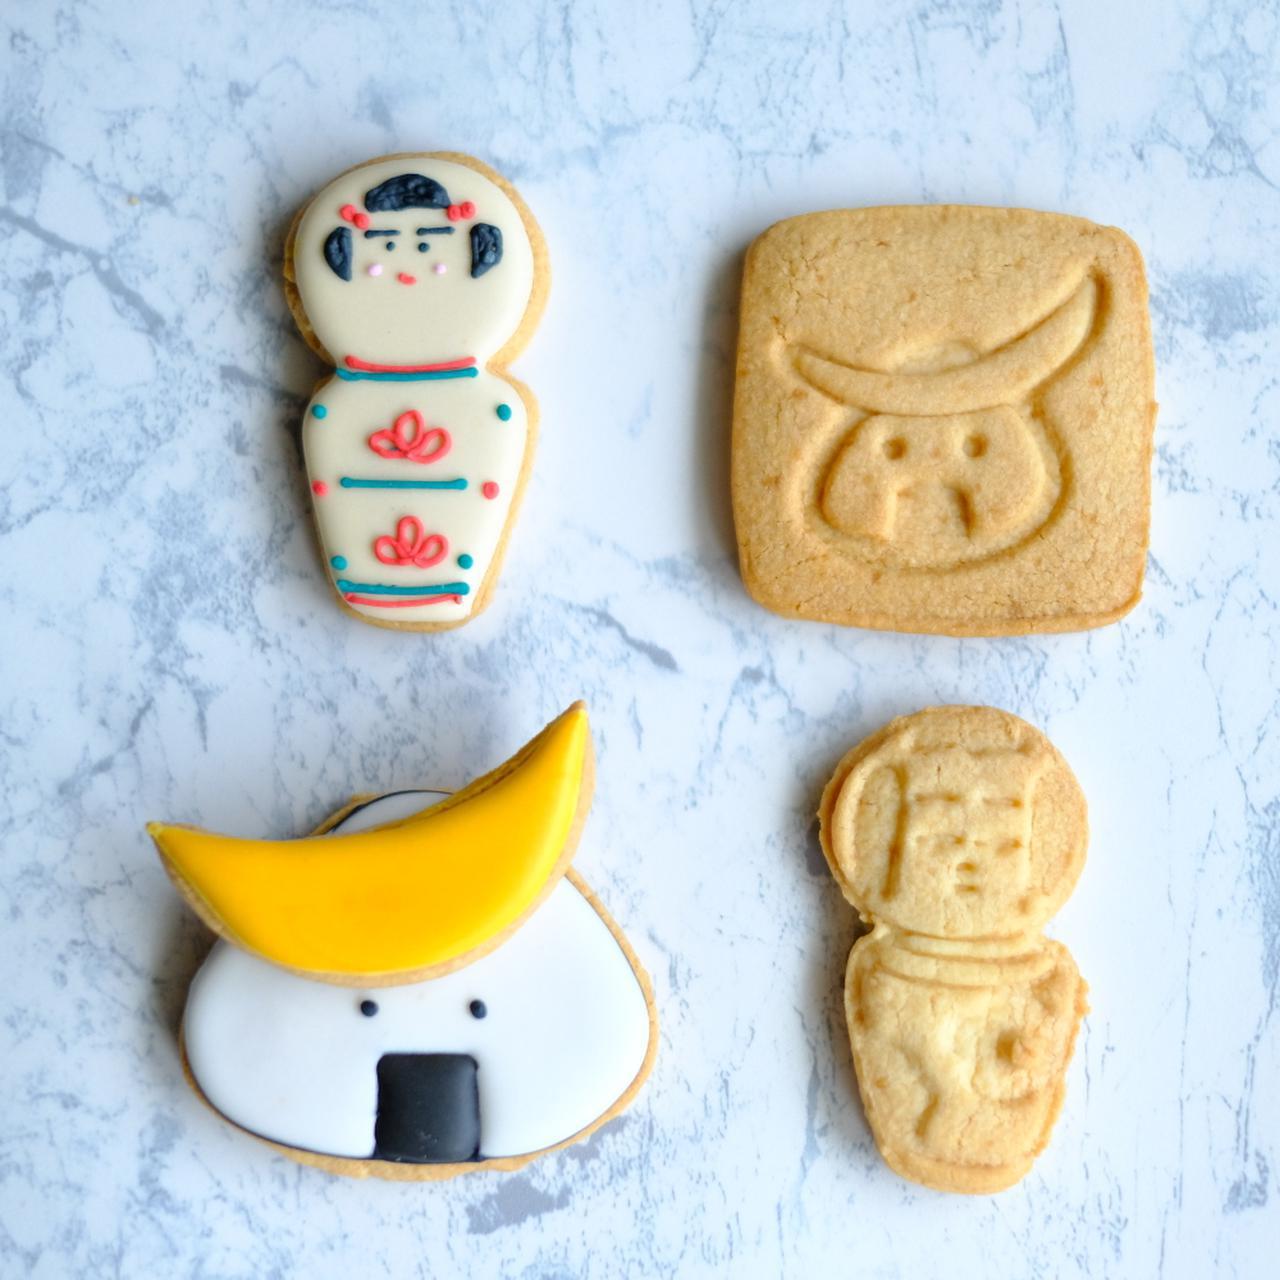 画像: 仙台で絶対買いたいお土産。「アトリエラフール」の「仙台サブレ缶」とアイシングクッキーです。